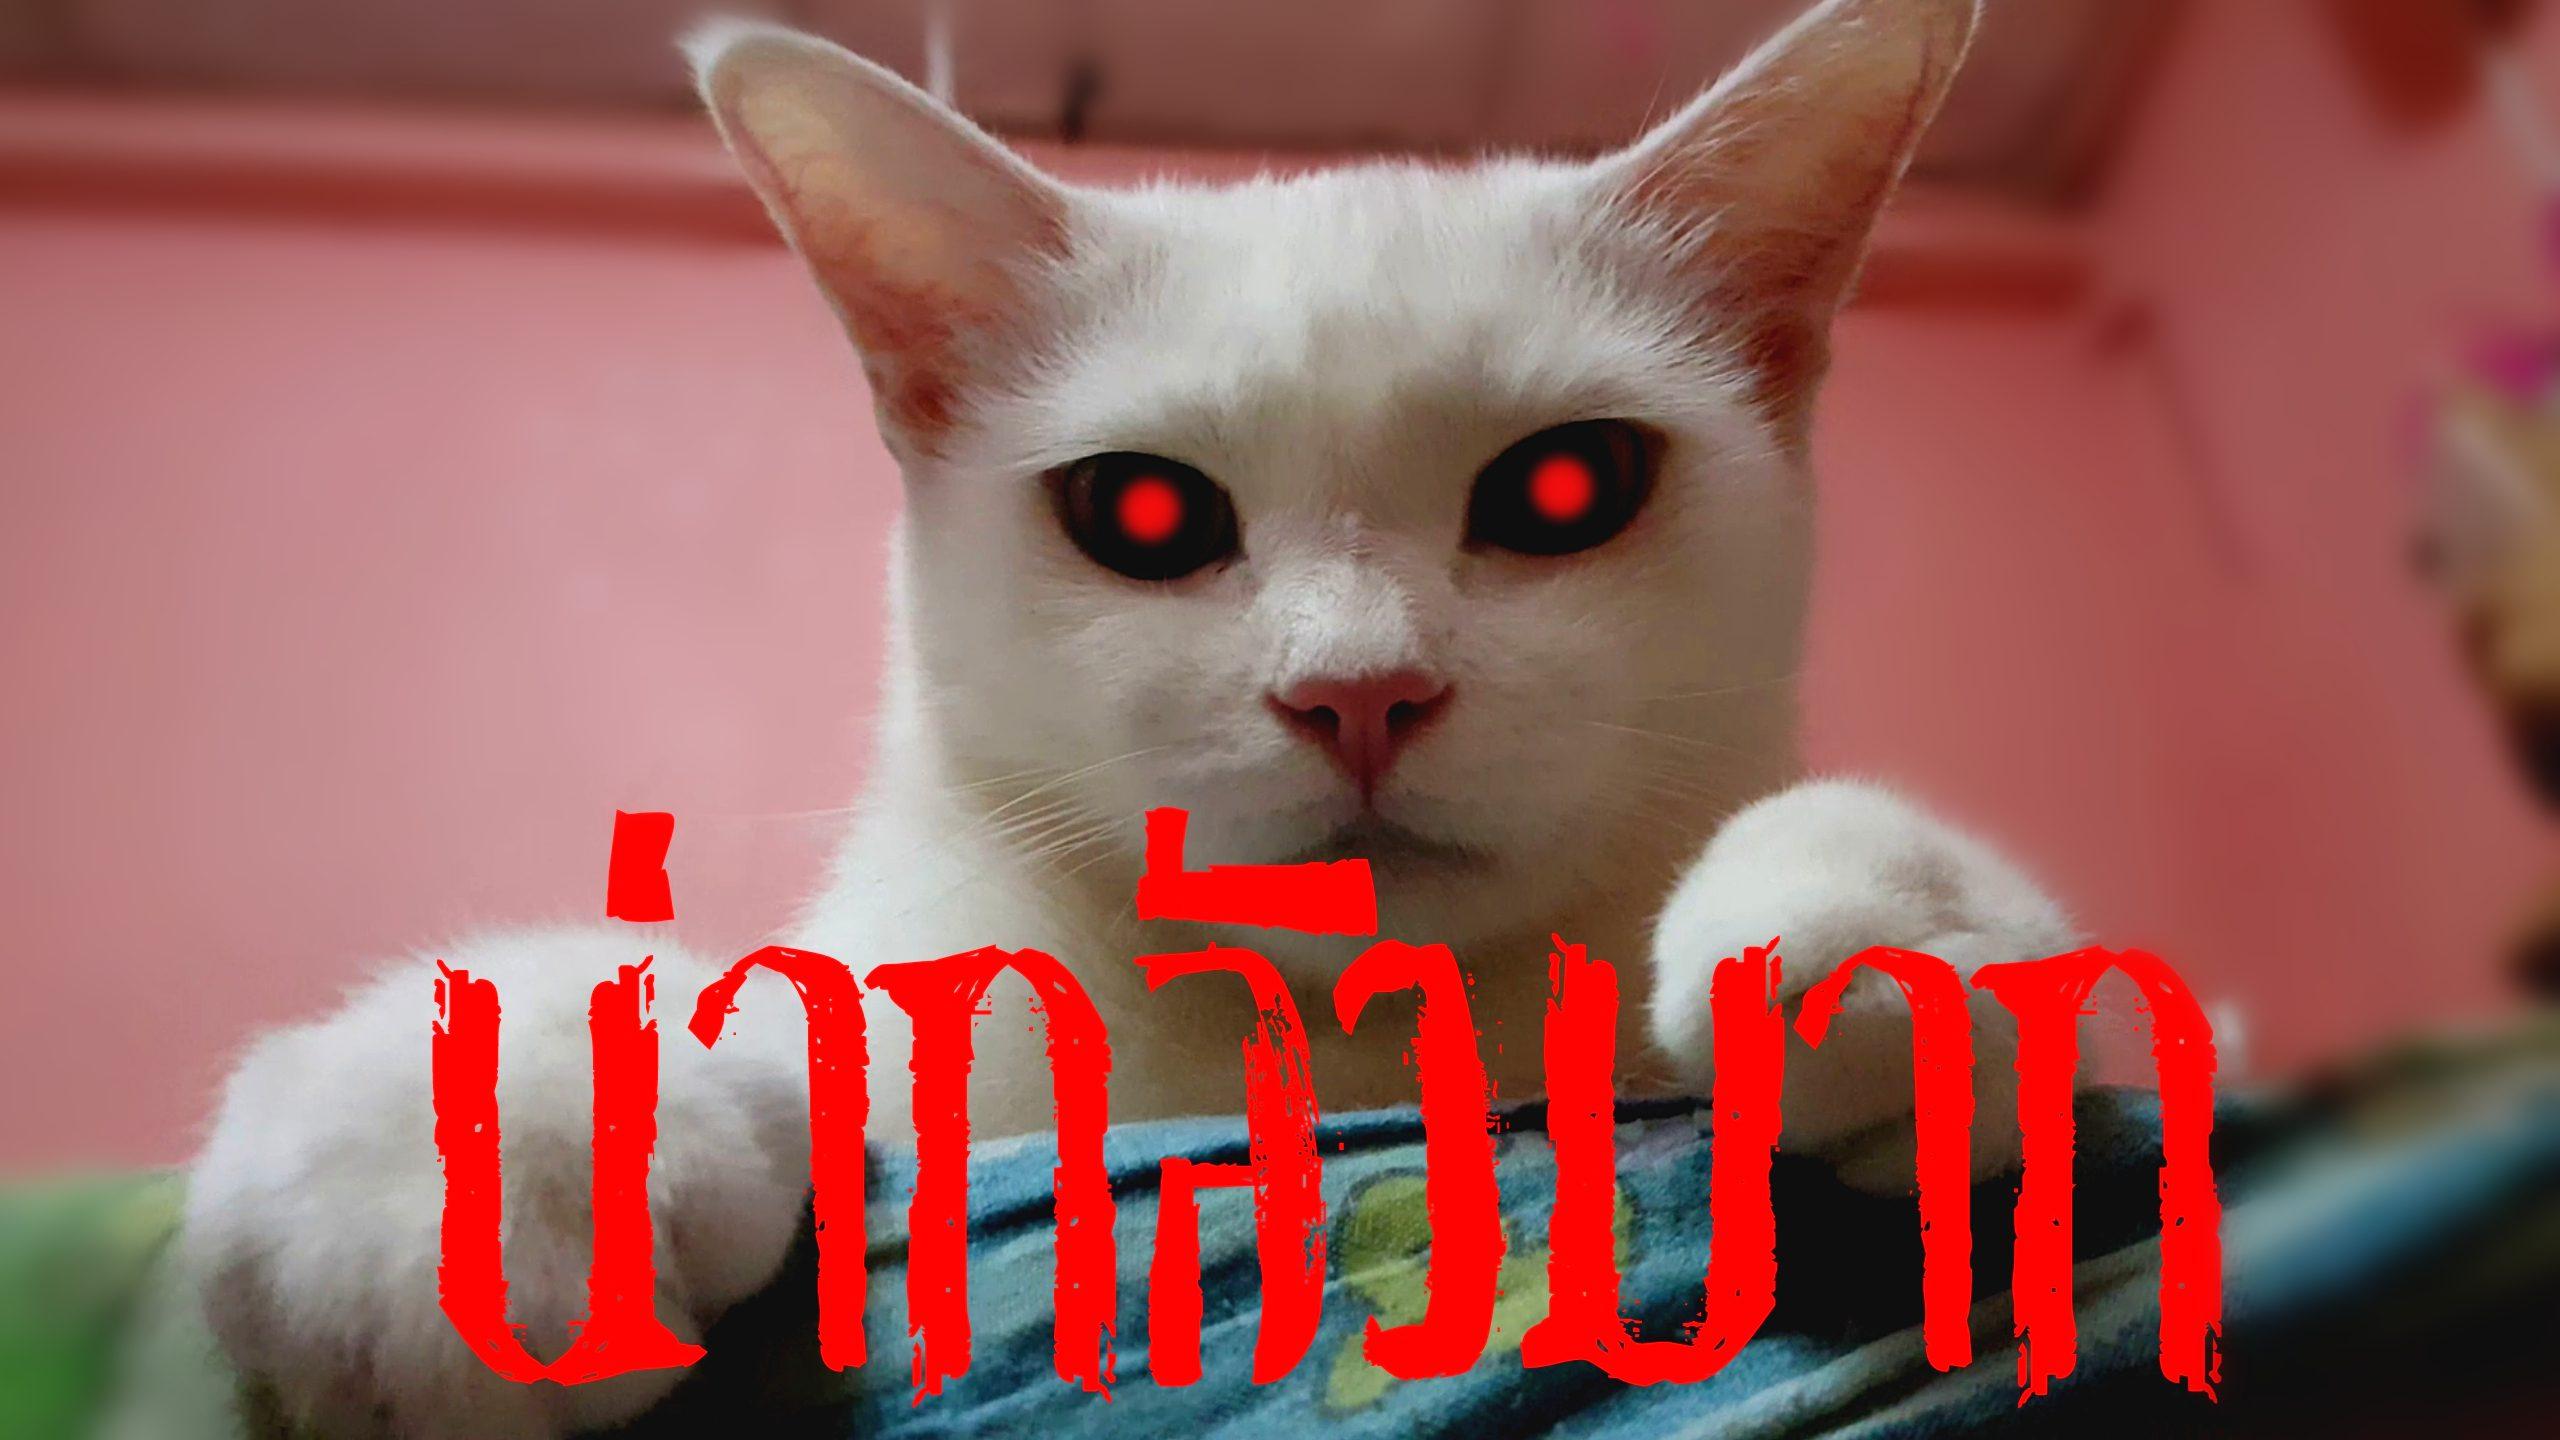 แมวปีศาจ นิ่ง เงียบ น่ากลัวที่สุด แมวพันธุ์ไทยขาวมณี